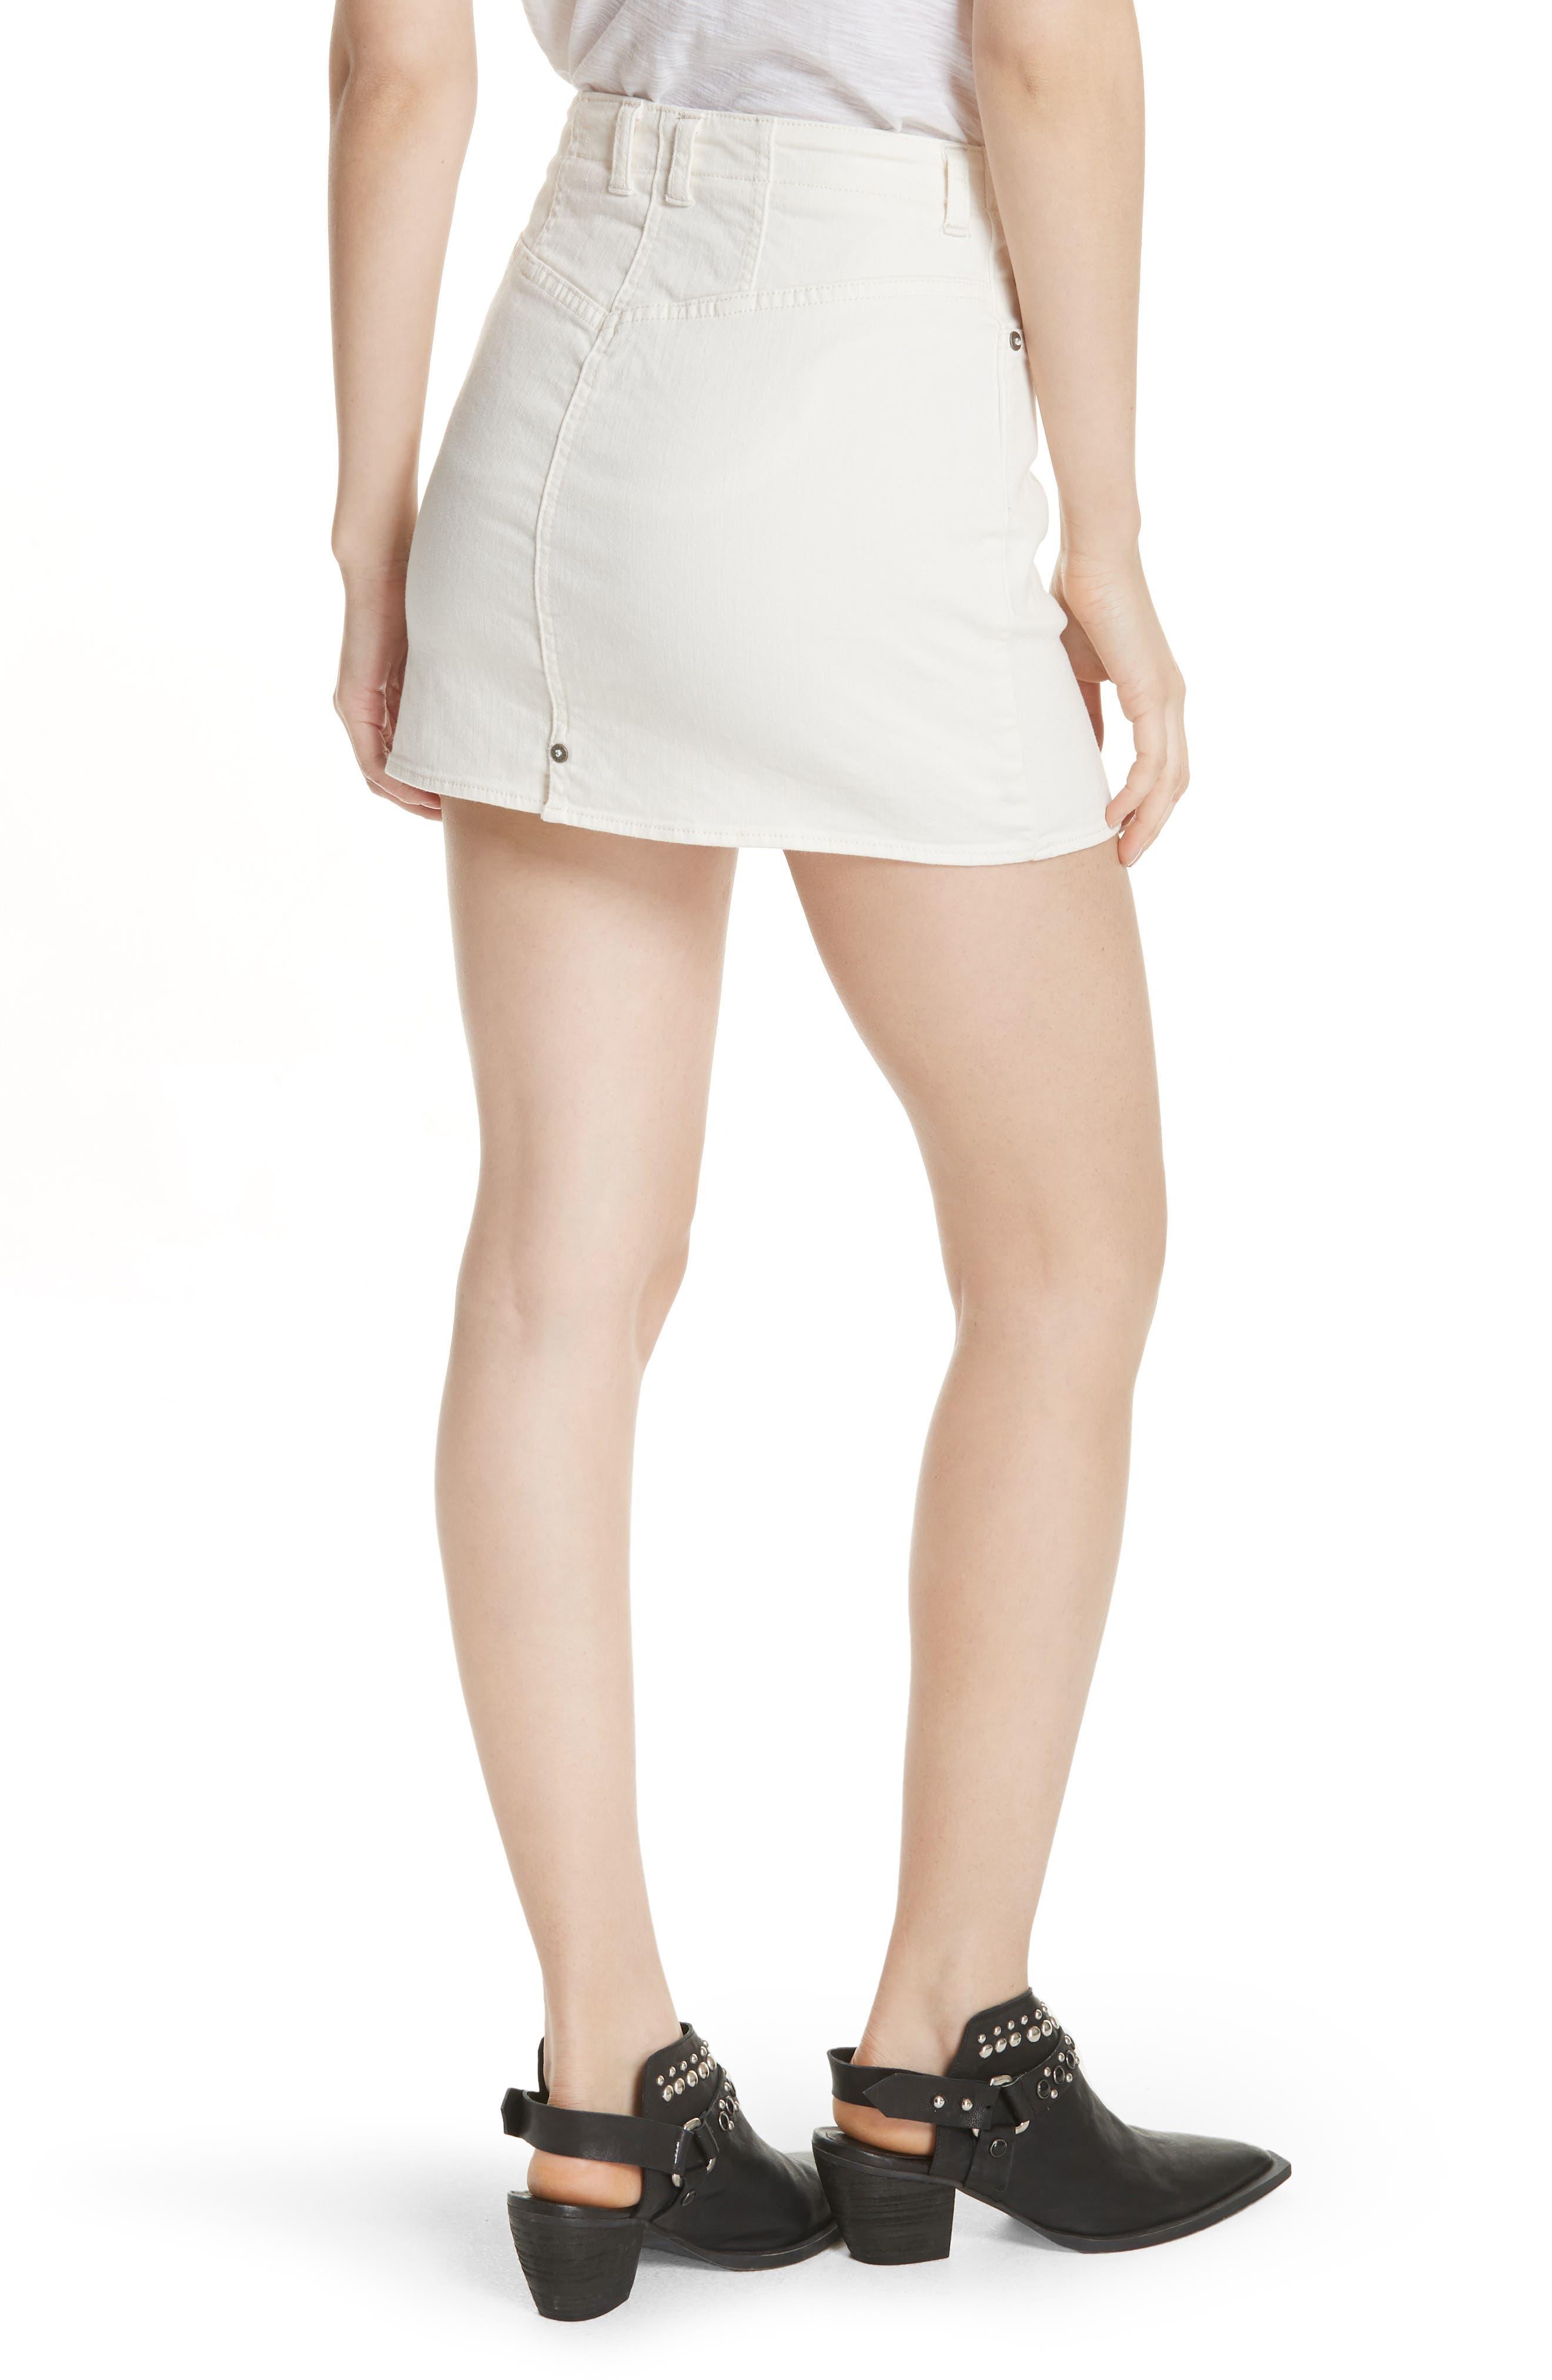 She's All That Denim Skirt,                             Alternate thumbnail 2, color,                             WHITE